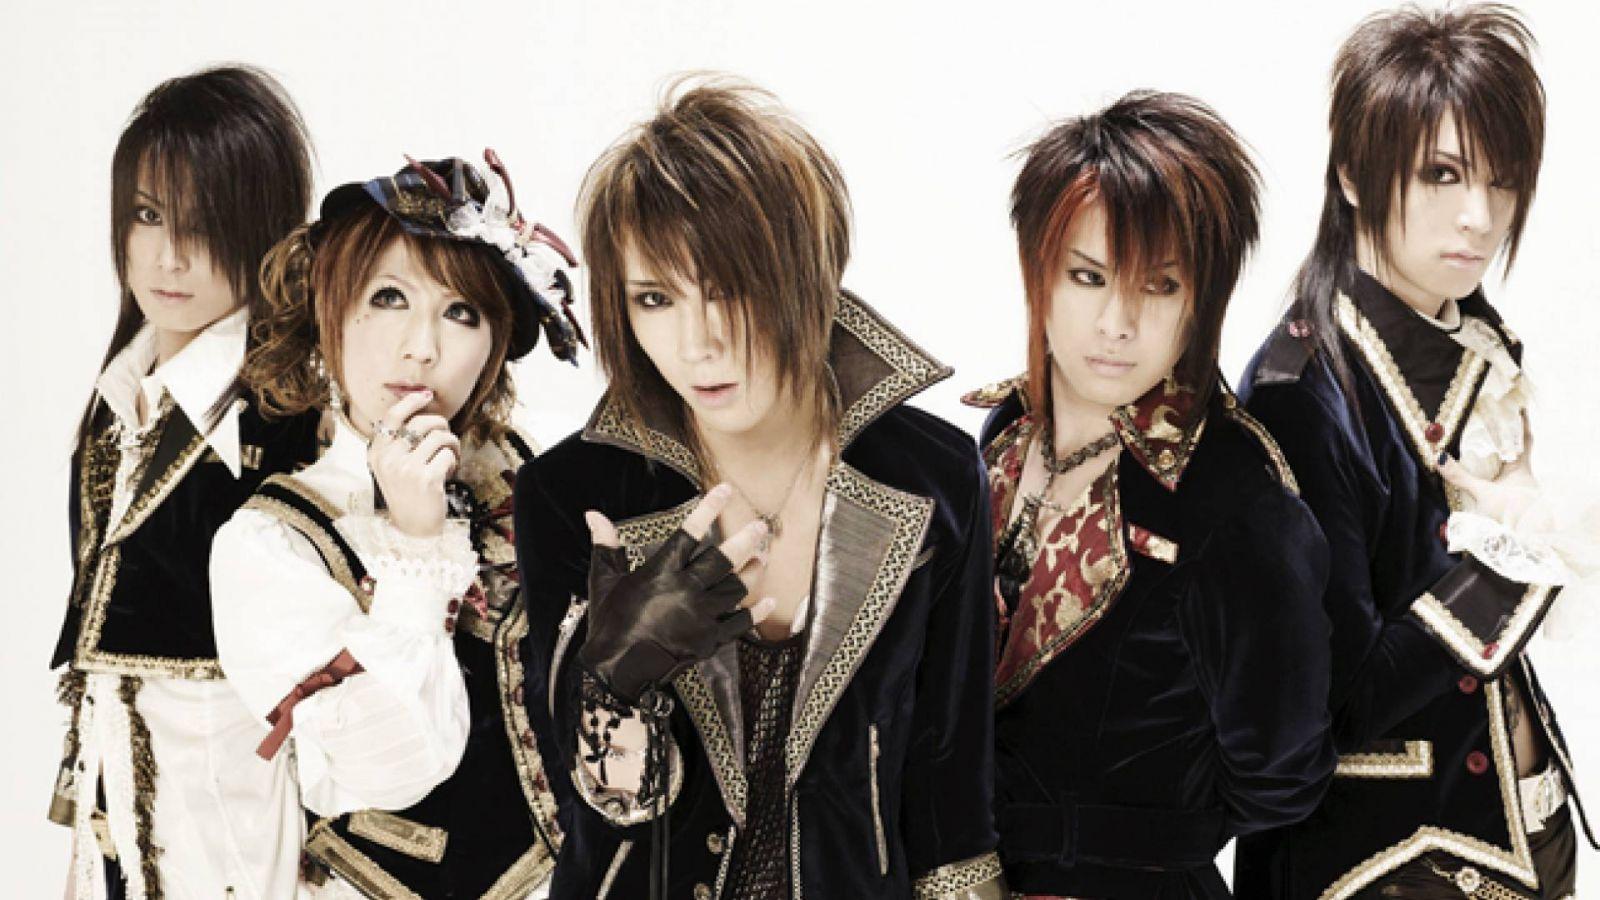 Vidoll anuncia hiatus © Sword Records